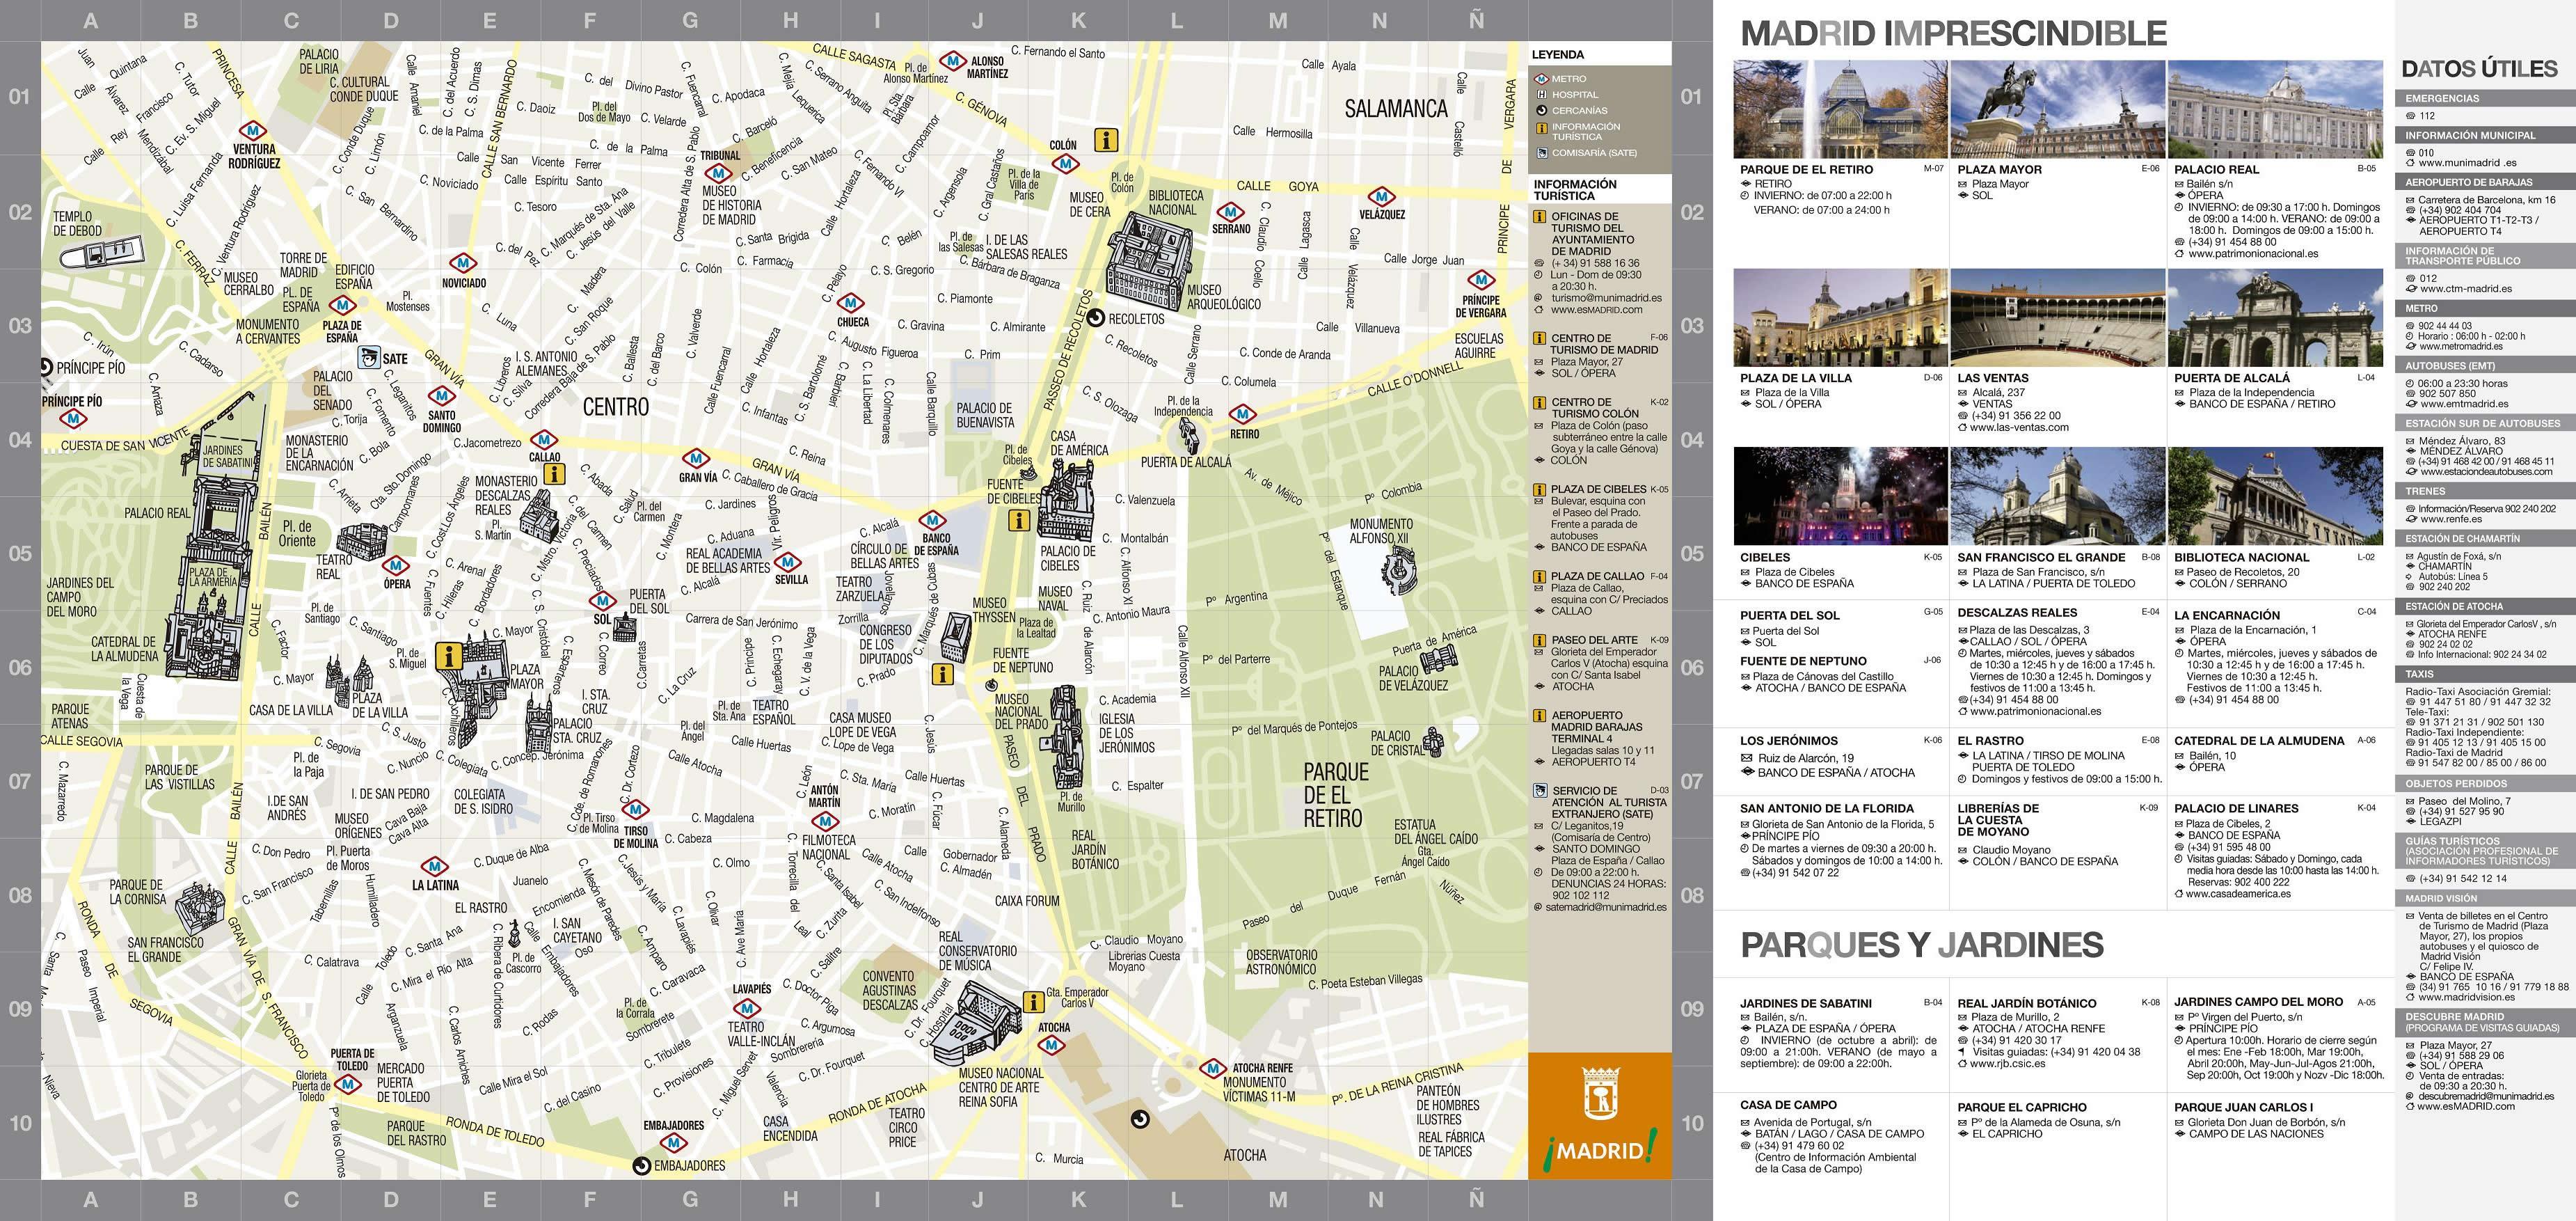 Madrid Map Sightseeing on philadelphia sightseeing map, portland sightseeing map, bronx new york sightseeing map, hong kong sightseeing map, albuquerque sightseeing map, bergen sightseeing map, montreal sightseeing map, madrid sights, cologne sightseeing map, rome sightseeing map, naples sightseeing map, boston sightseeing map, london sightseeing map, zurich sightseeing map, nagoya sightseeing map, houston sightseeing map, barcelona sightseeing map, miami sightseeing map, munich sightseeing map, berlin sightseeing map,